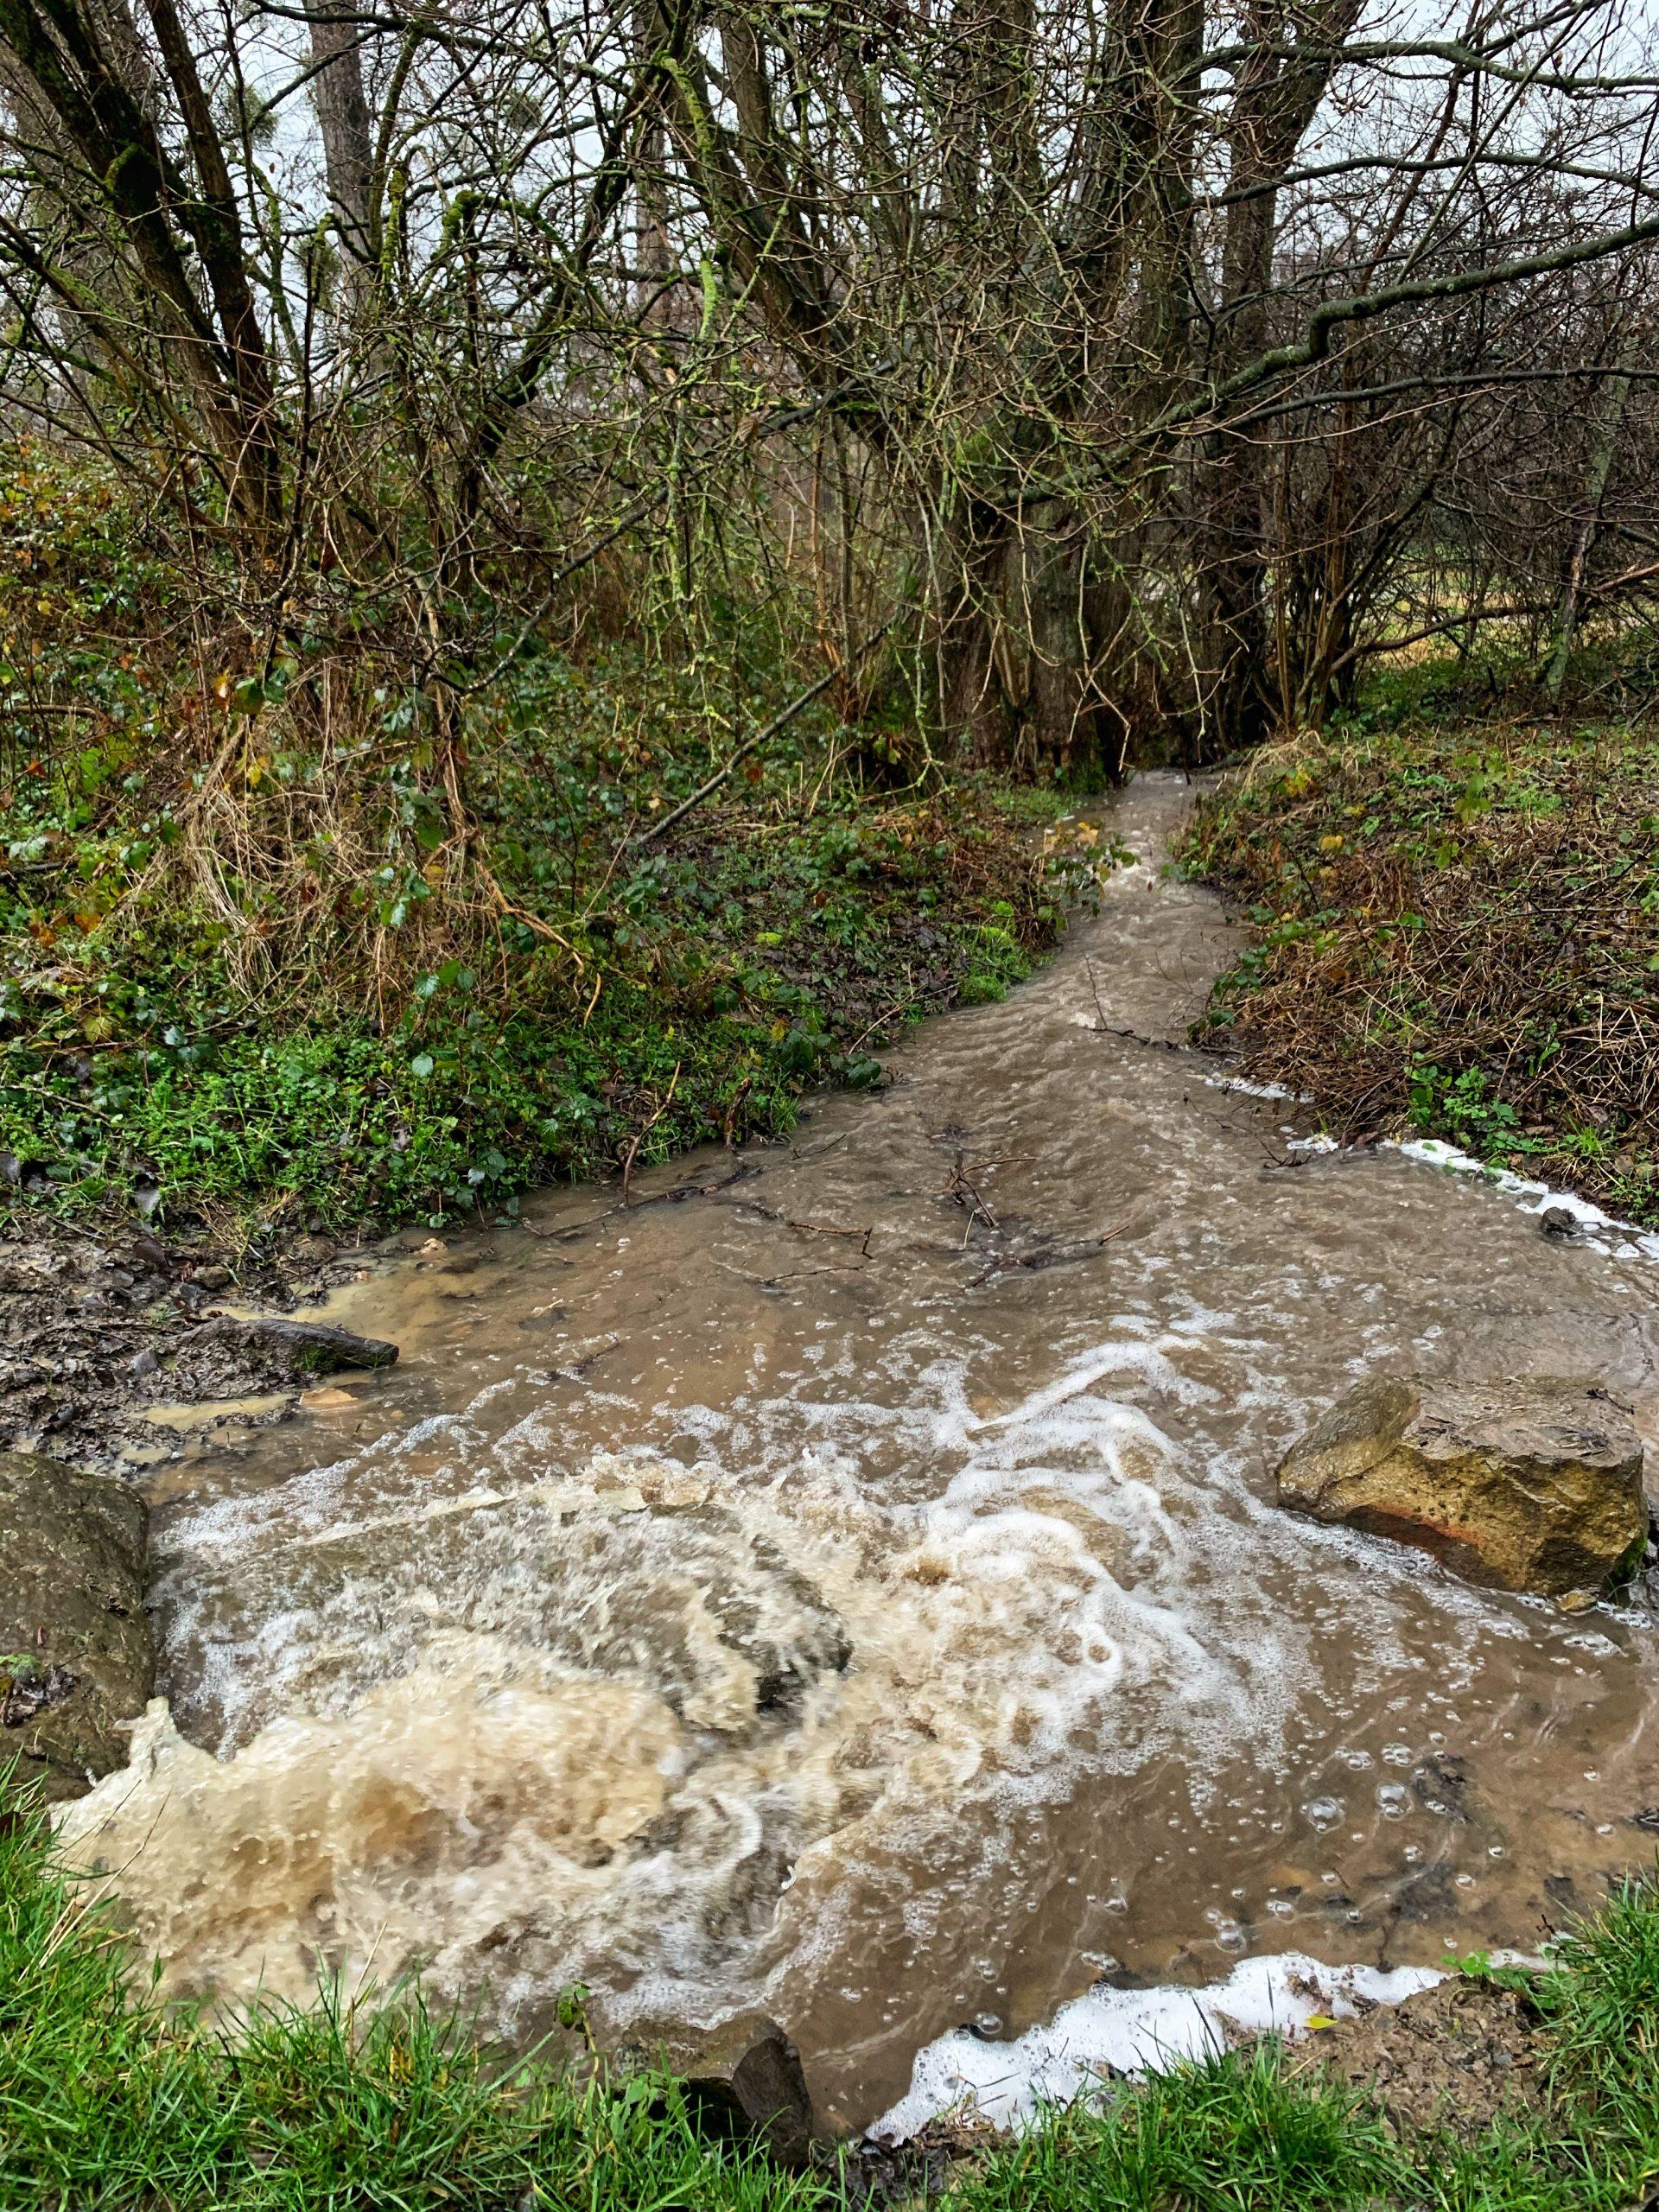 cammino della fortuna dag 12 waterstromen